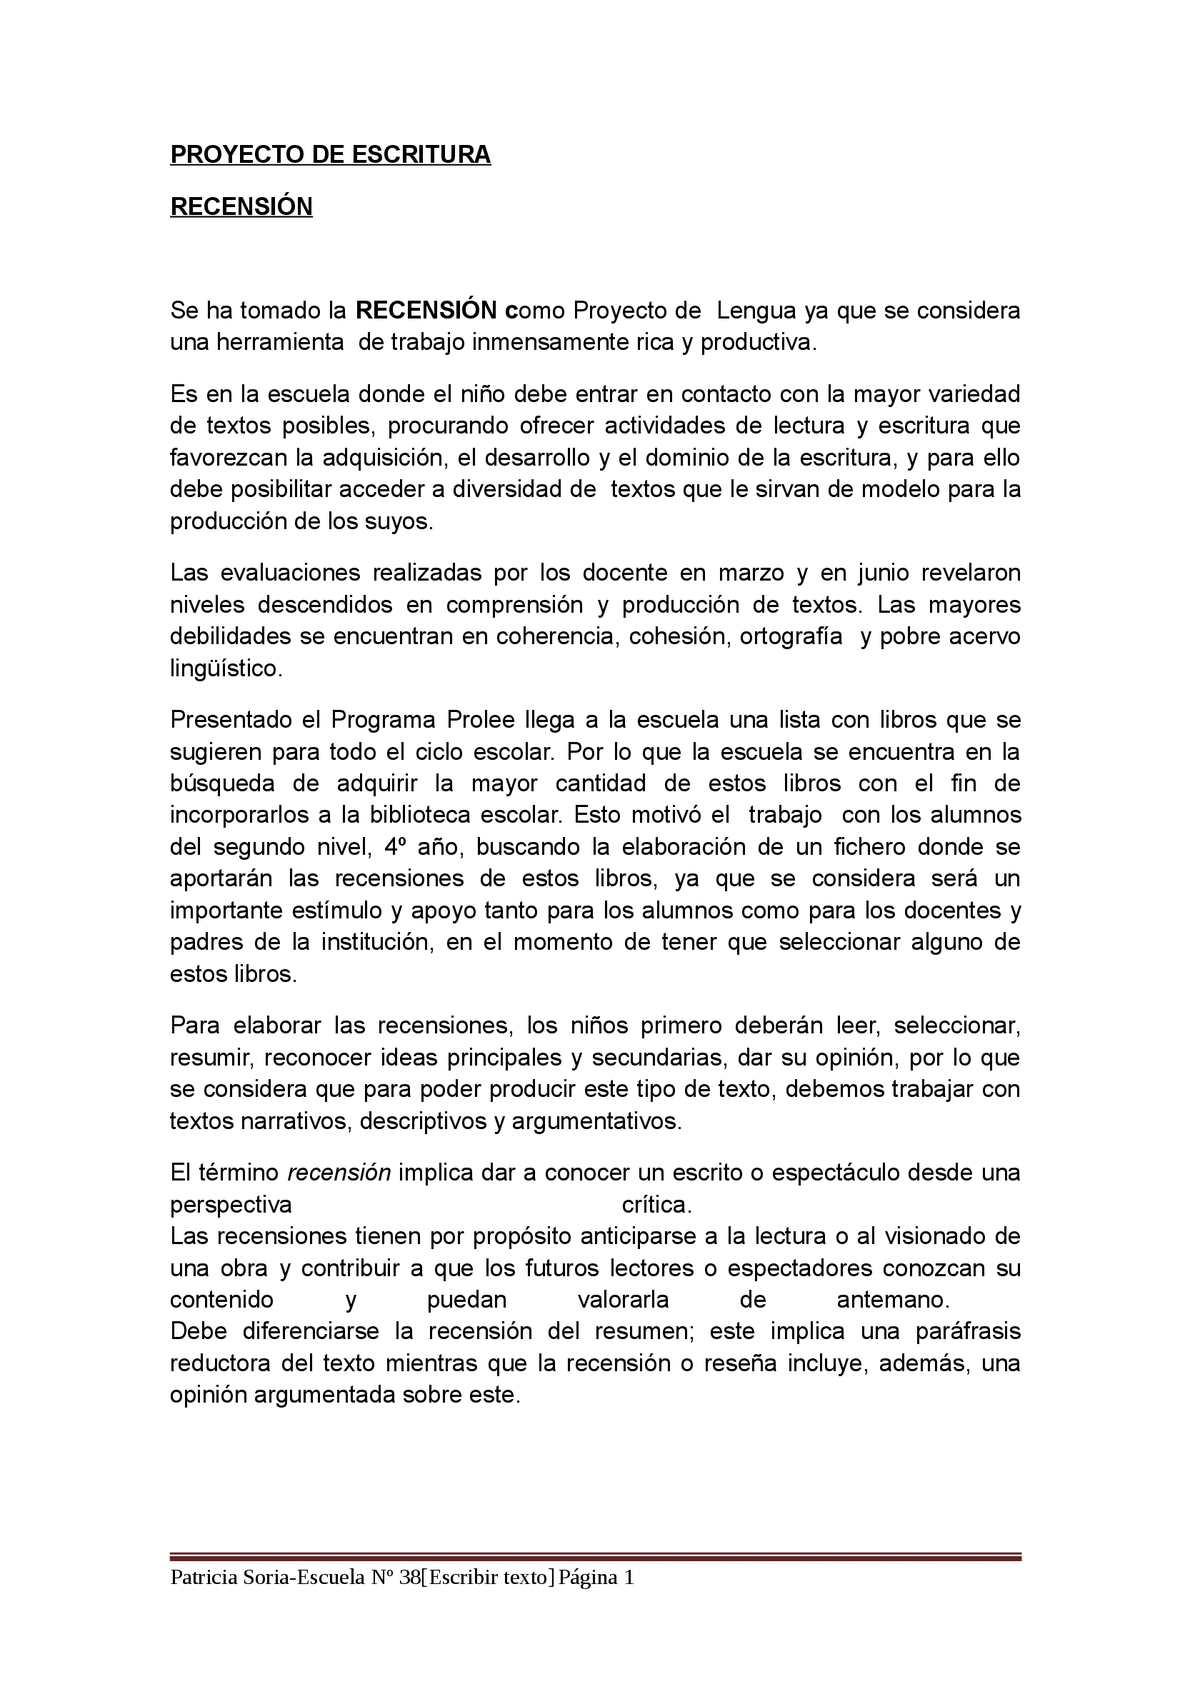 Calaméo - PROYECTO DE ESCRITURA